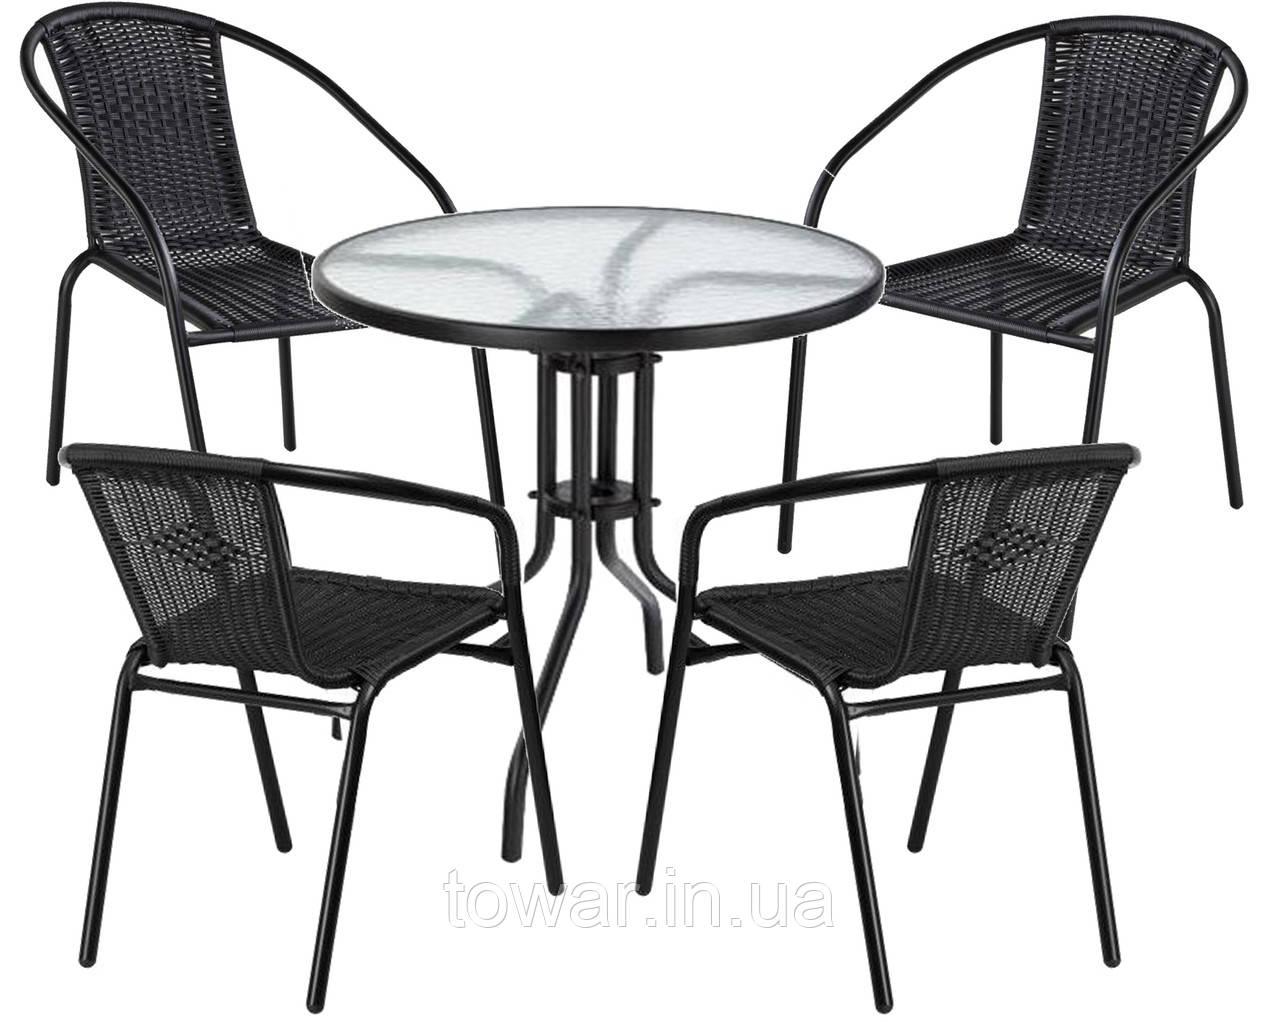 Набор садовой мебели Bistro стол +4 кресла Польша